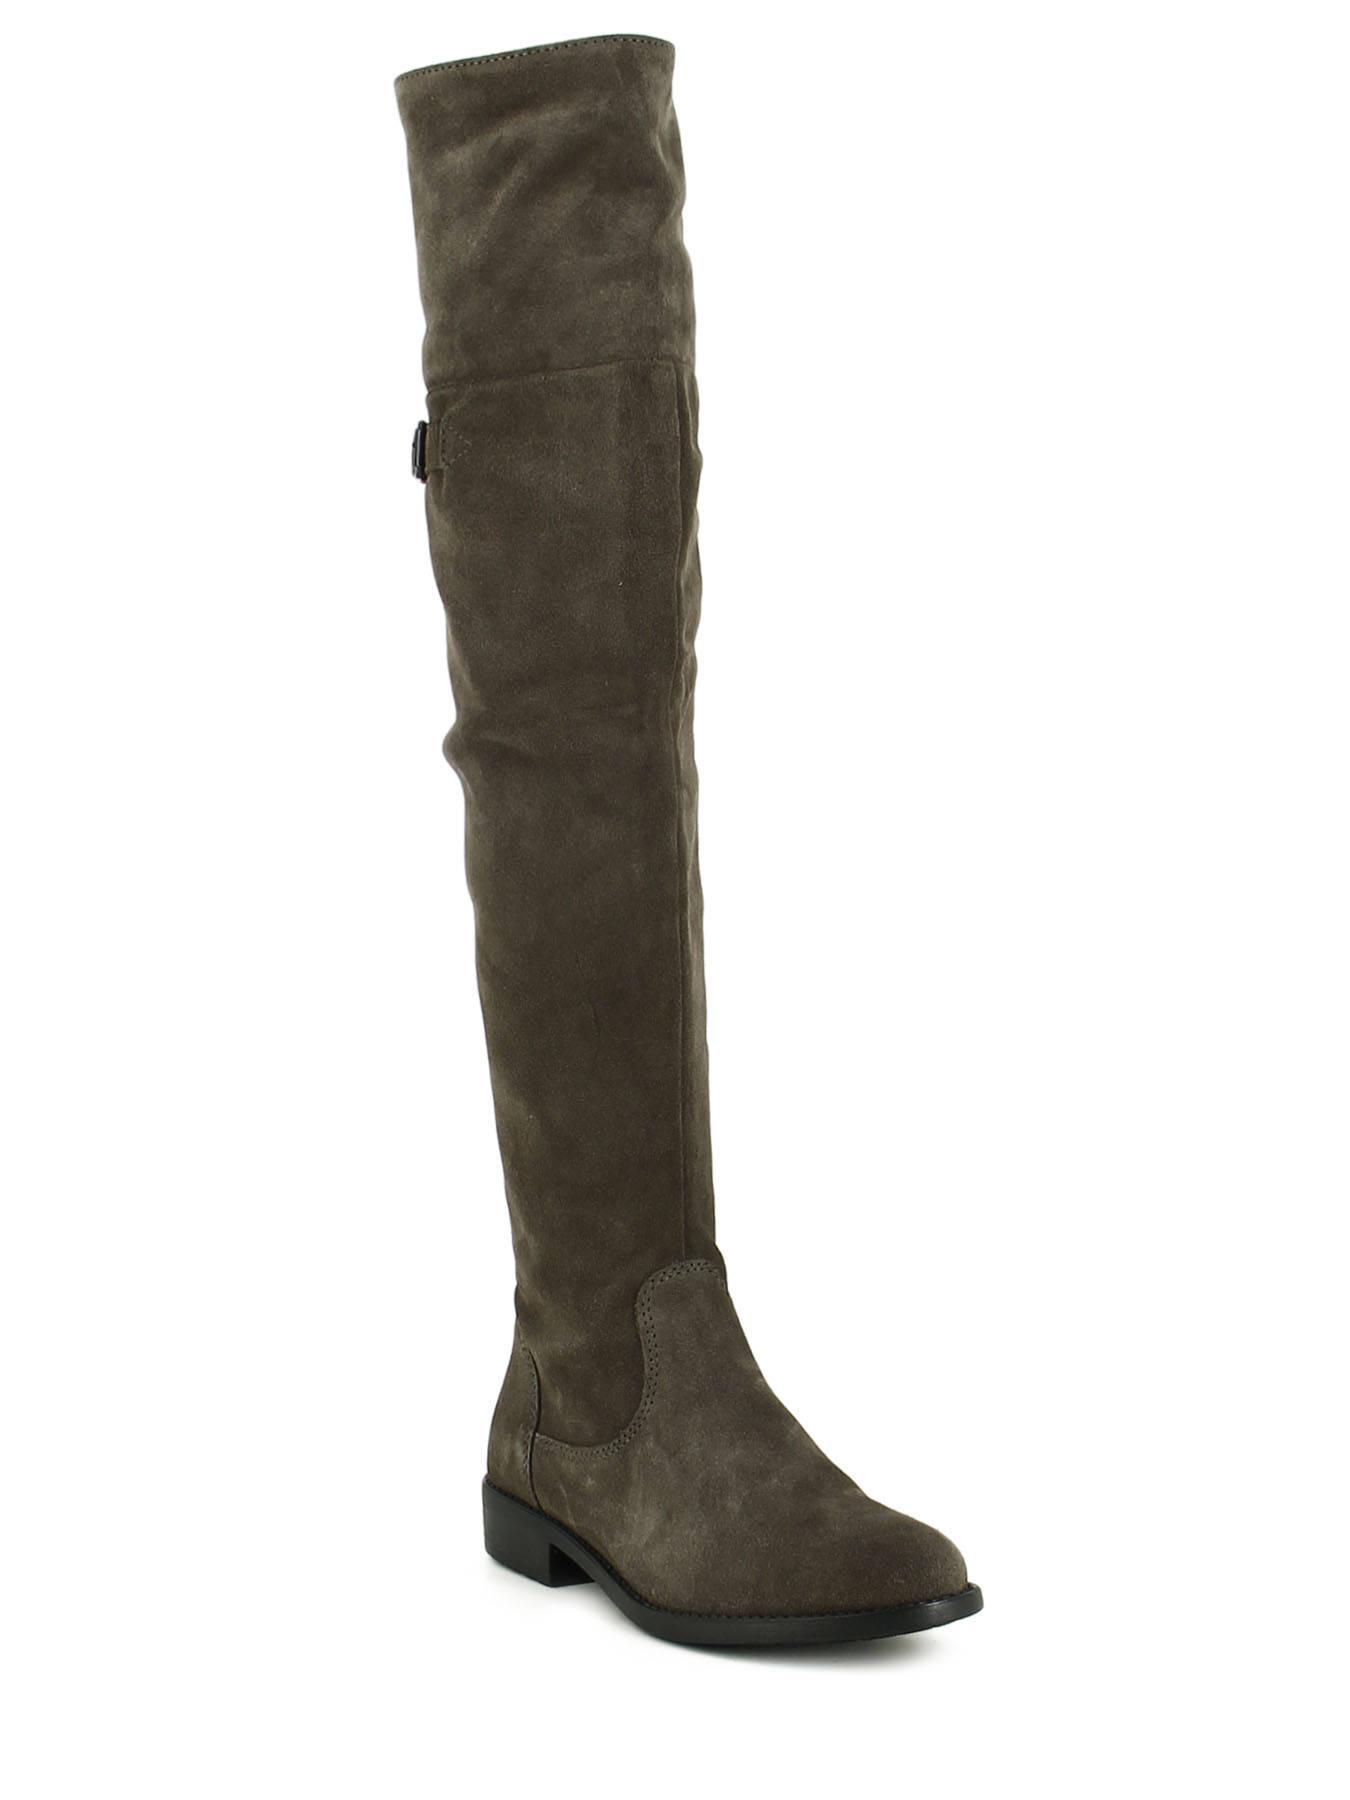 Gratuite Cher Chaussures Livraison Tamaris Moins Achetez Vos 8xPFzwHSqS